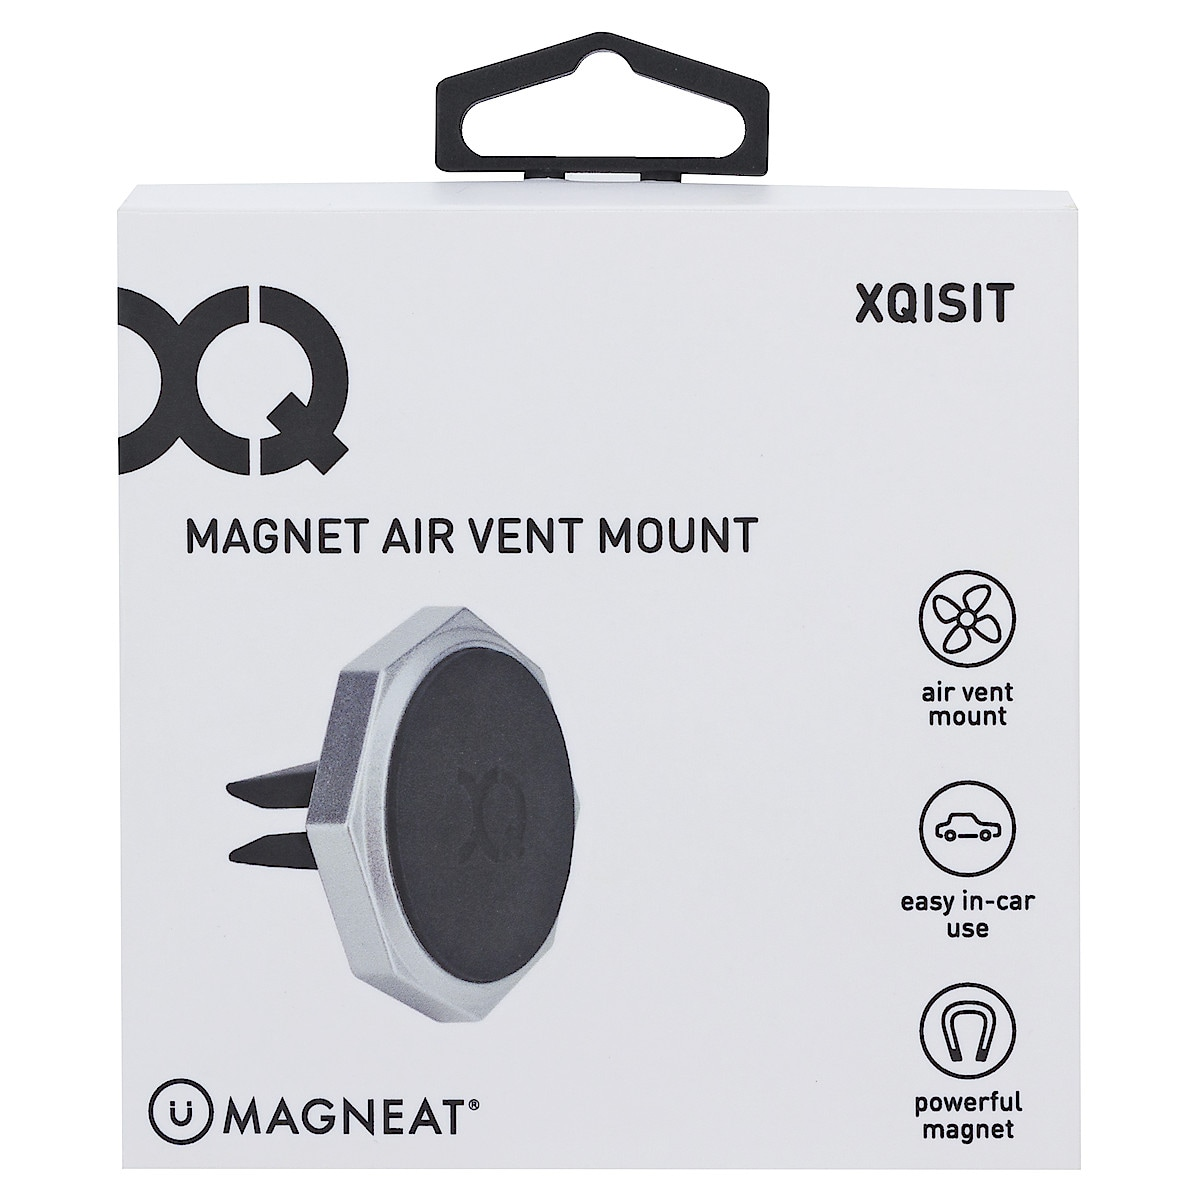 Telefonhållare med magnet  Xqisit